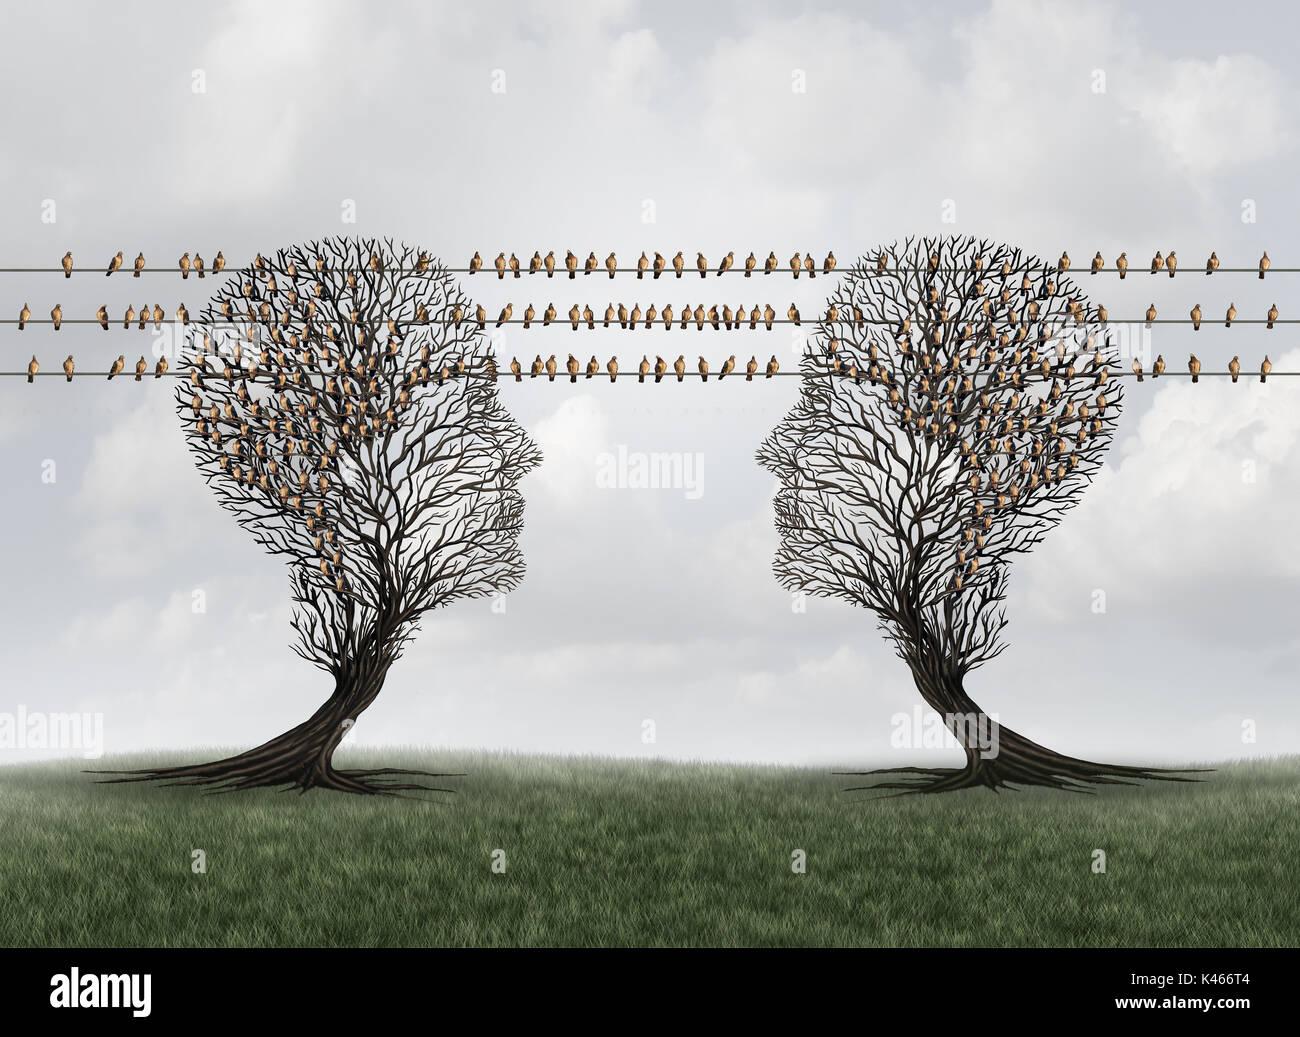 Réseau de communication connexion que des arbres en forme de têtes humaines connecté avec des oiseaux sur les fils comme pigeons voyageurs comme la transmission de données internet icons Photo Stock